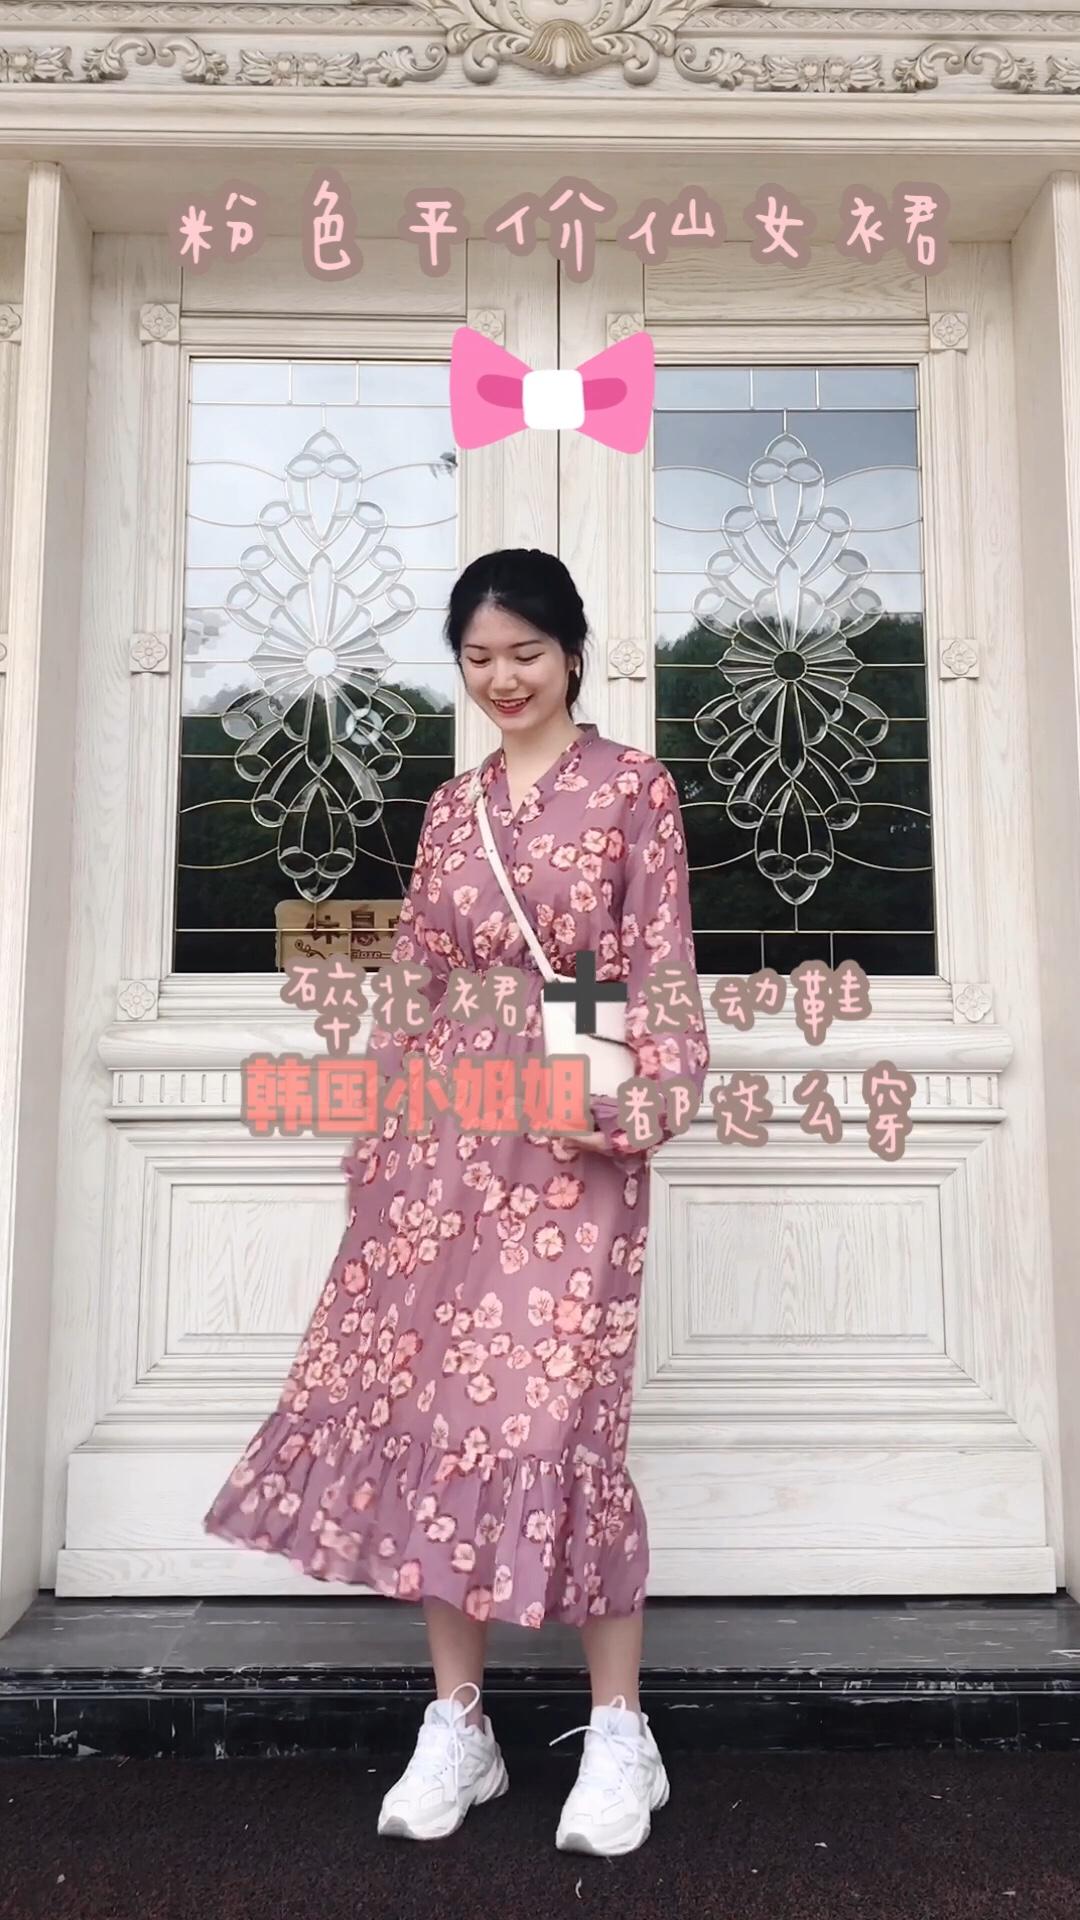 #韩国小姐姐夏天都这么穿!# 这条连衣裙虽然是长袖,但是因为很薄,所以夏天穿并不热,还起到了防晒的作用,特别实用! 连衣裙搭配运动鞋,韩国小姐姐们都这么穿,一起get起来吧!